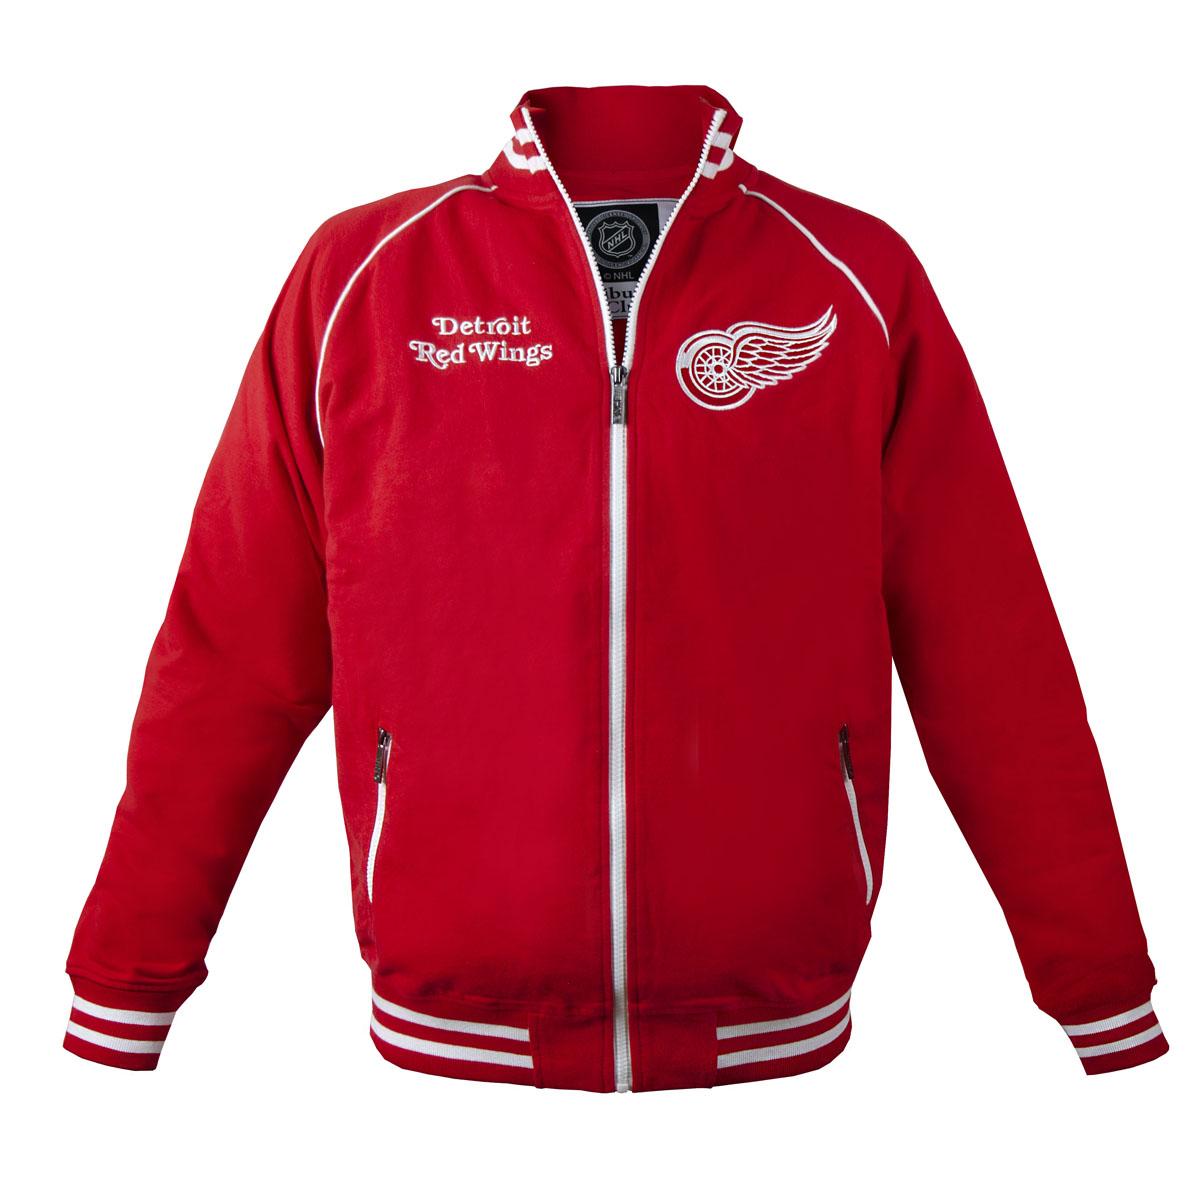 Толстовка мужская NHL Detroit Red Wings, цвет: красный. 35600. Размер XS (44)35600Мужская толстовка NHL Detroit Red Wings, изготовленная из натурального хлопка, очень мягкая и приятная наощупь, не сковывает движения, обеспечивая наибольший комфорт.Толстовка с небольшим воротником-стойкой и длинными рукавами-реглан застегивается на молнию по всей длине. Снизумодели предусмотрена широкая мягкая резинка, которая предотвращает проникновение холодного воздуха.Рукава дополнены эластичными манжетами. Спереди расположены два прорезных кармана на застежках-молниях. Изделие оформлено вышивками с названием хоккейного клуба Detroit Red Wings и его эмблемой.Стильная толстовка подарит вам комфорт и станет отличным дополнением к вашему гардеробу.